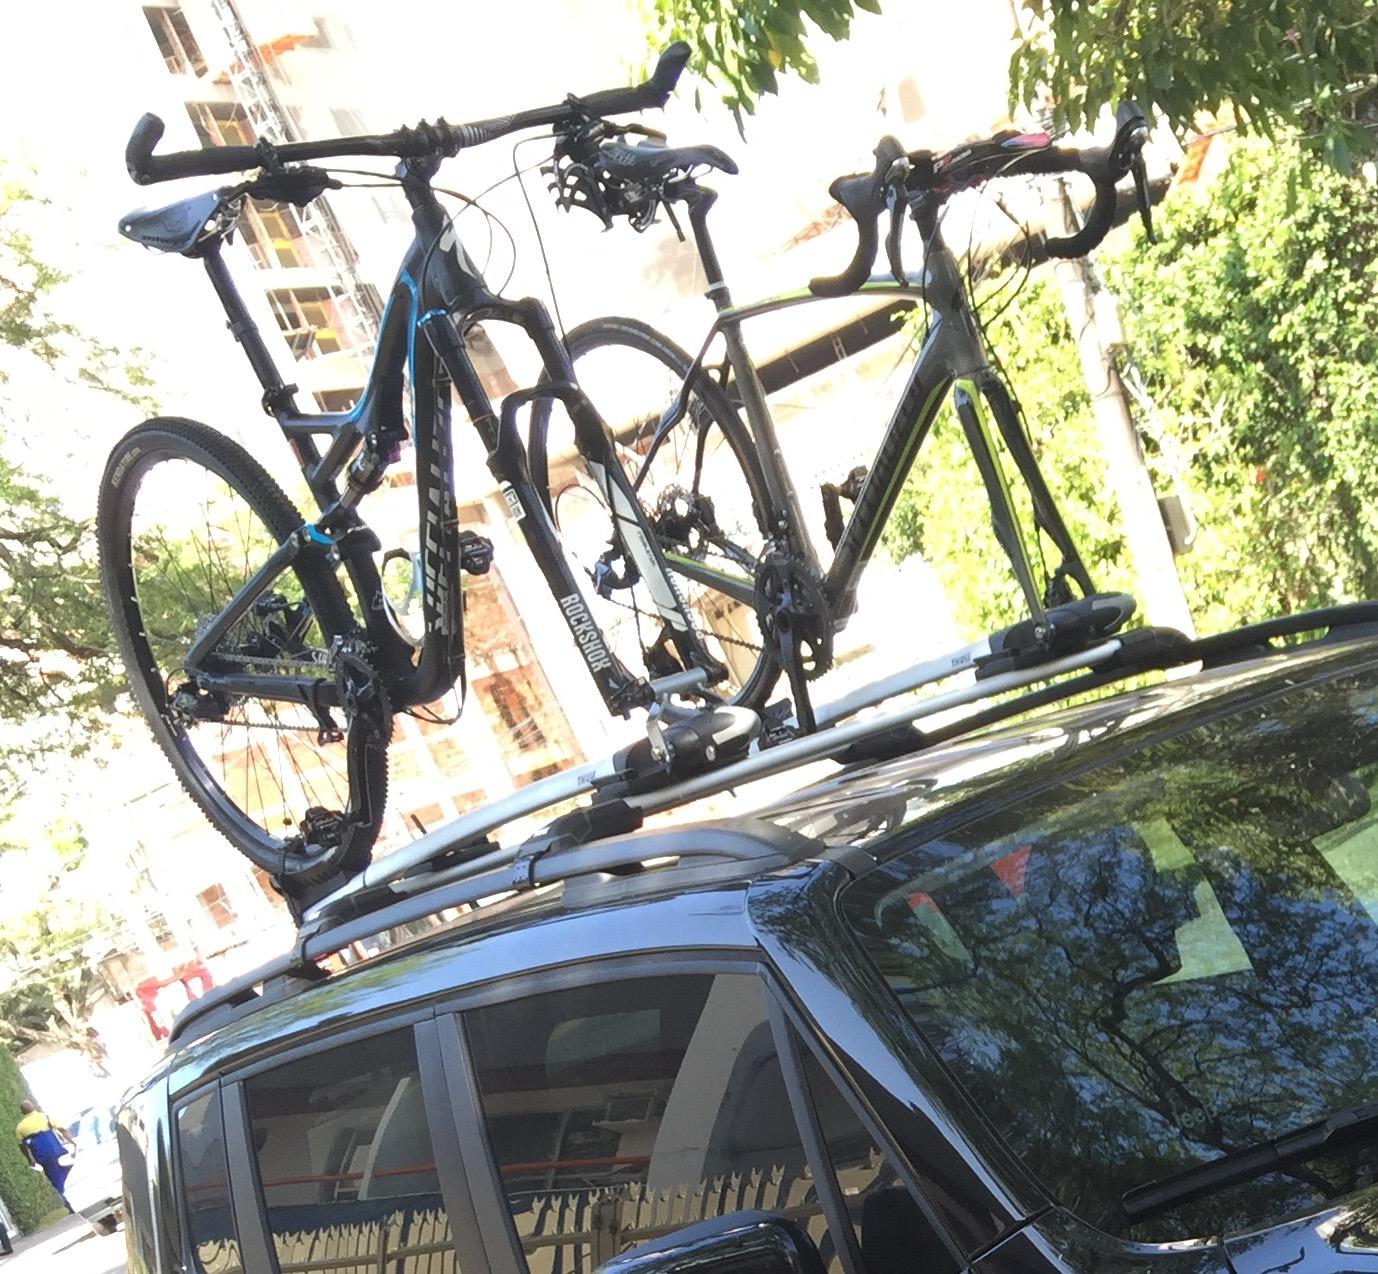 Suporte para bikes - Página 2 9hpch0